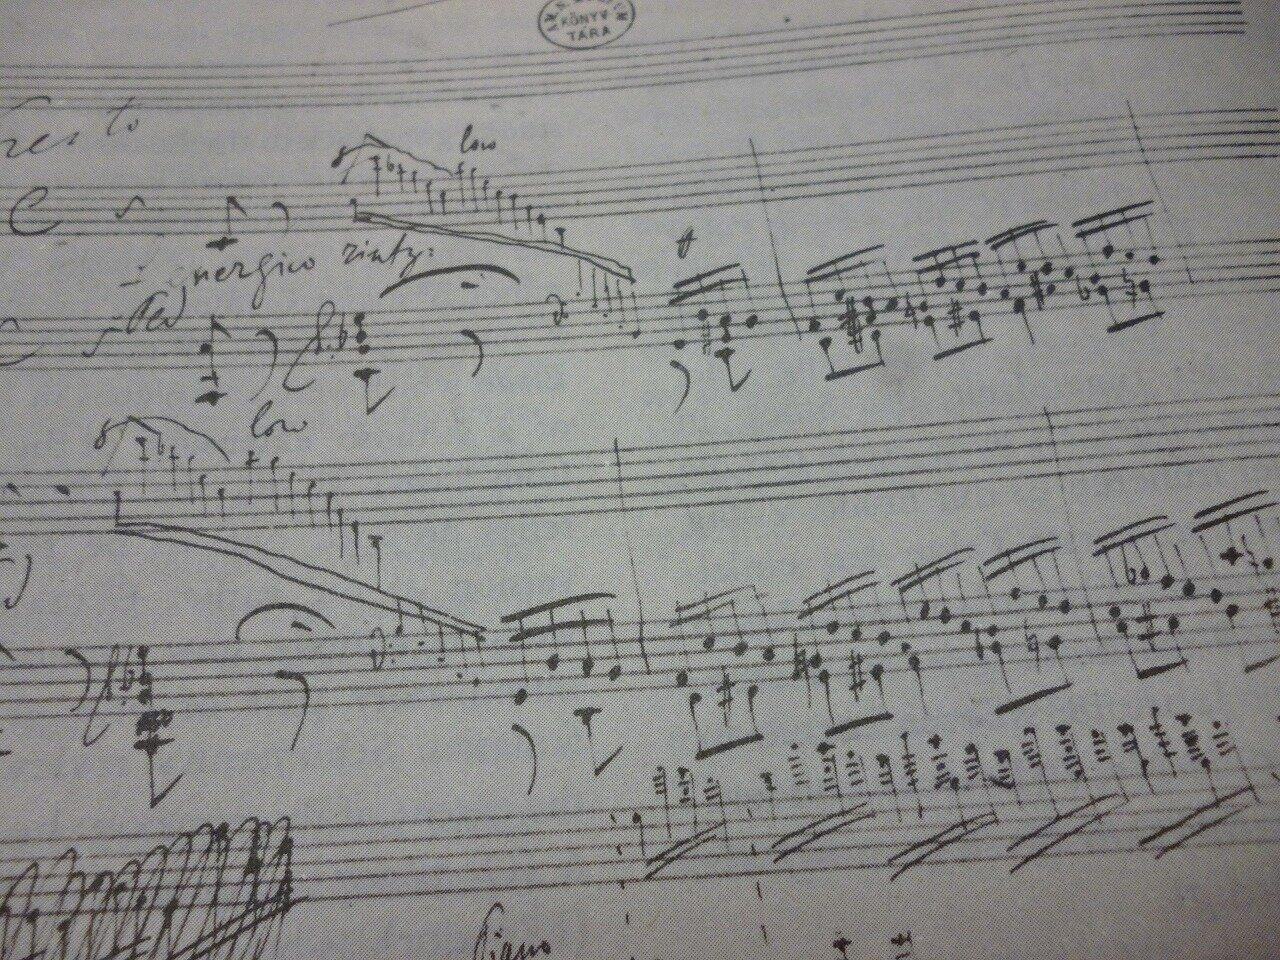 楽譜は何を伝えているか(1)